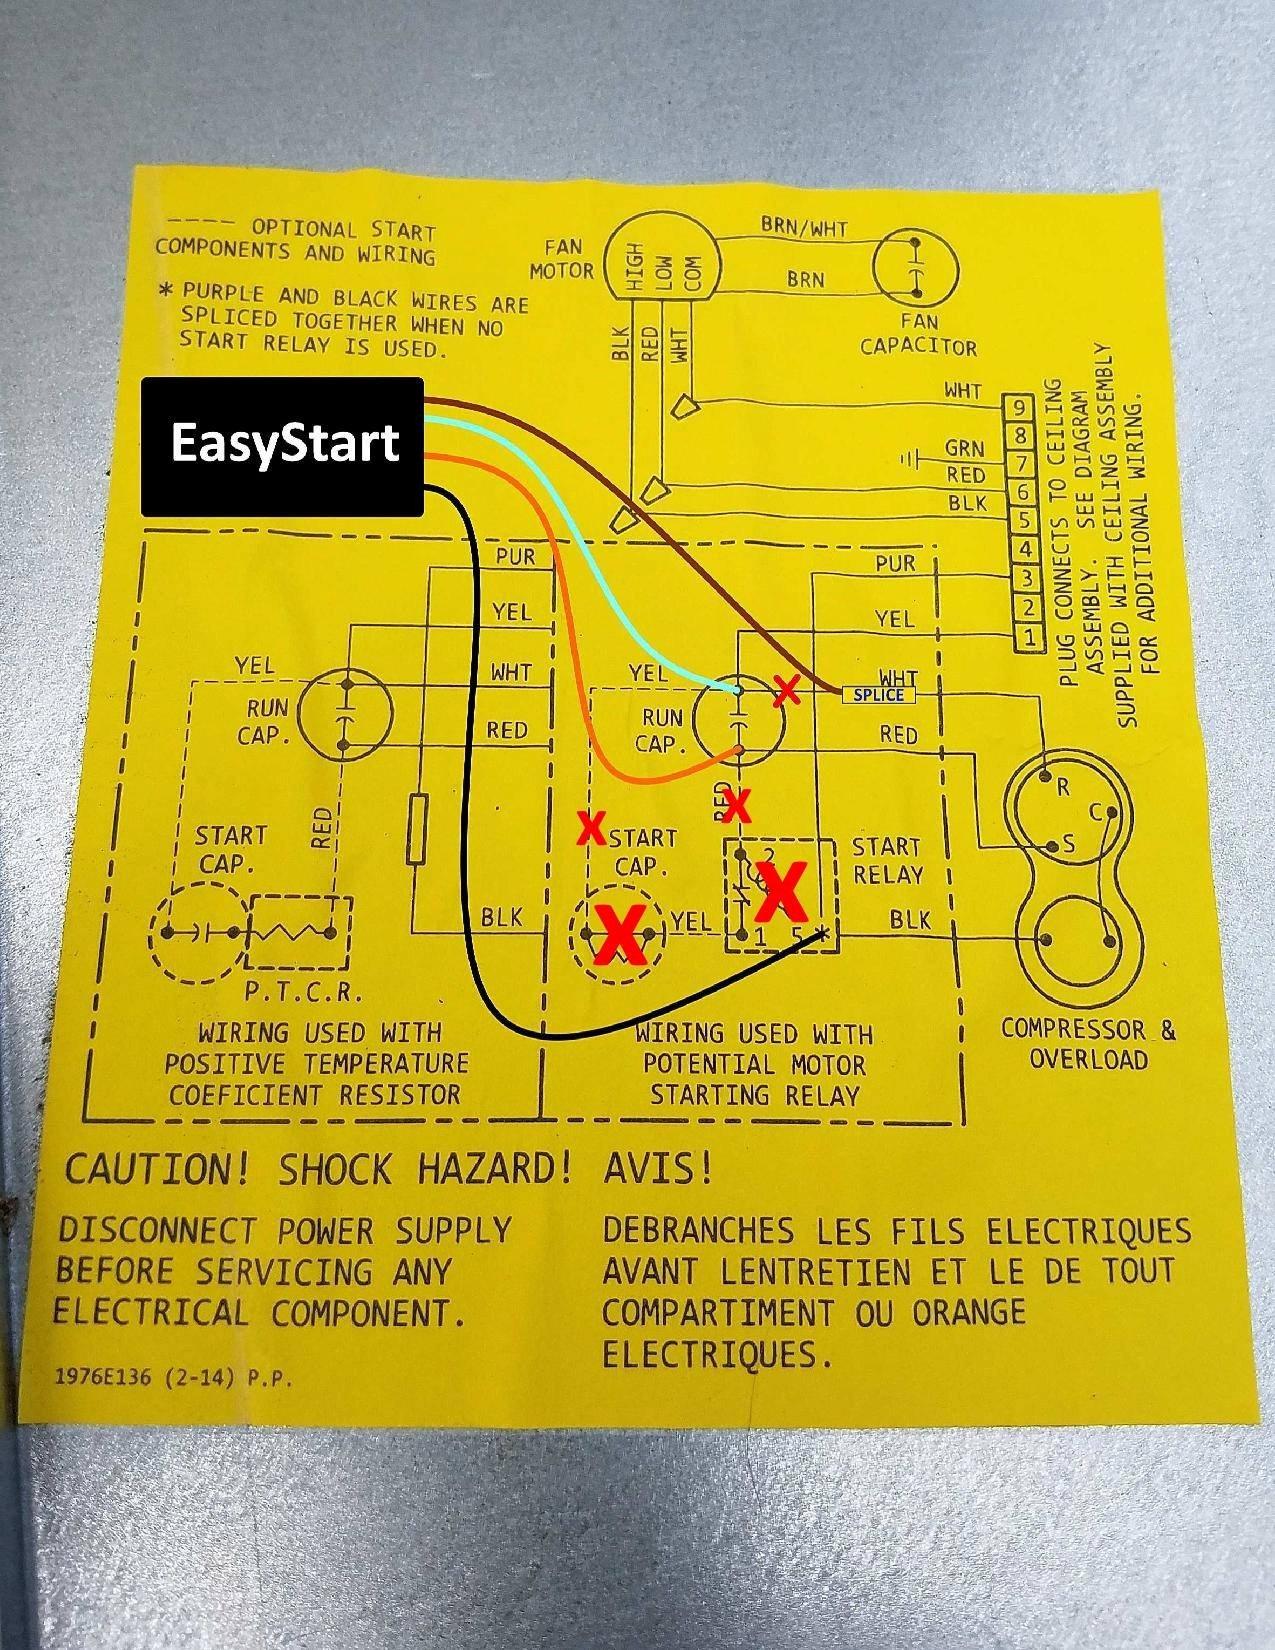 ev10 wiring diagram